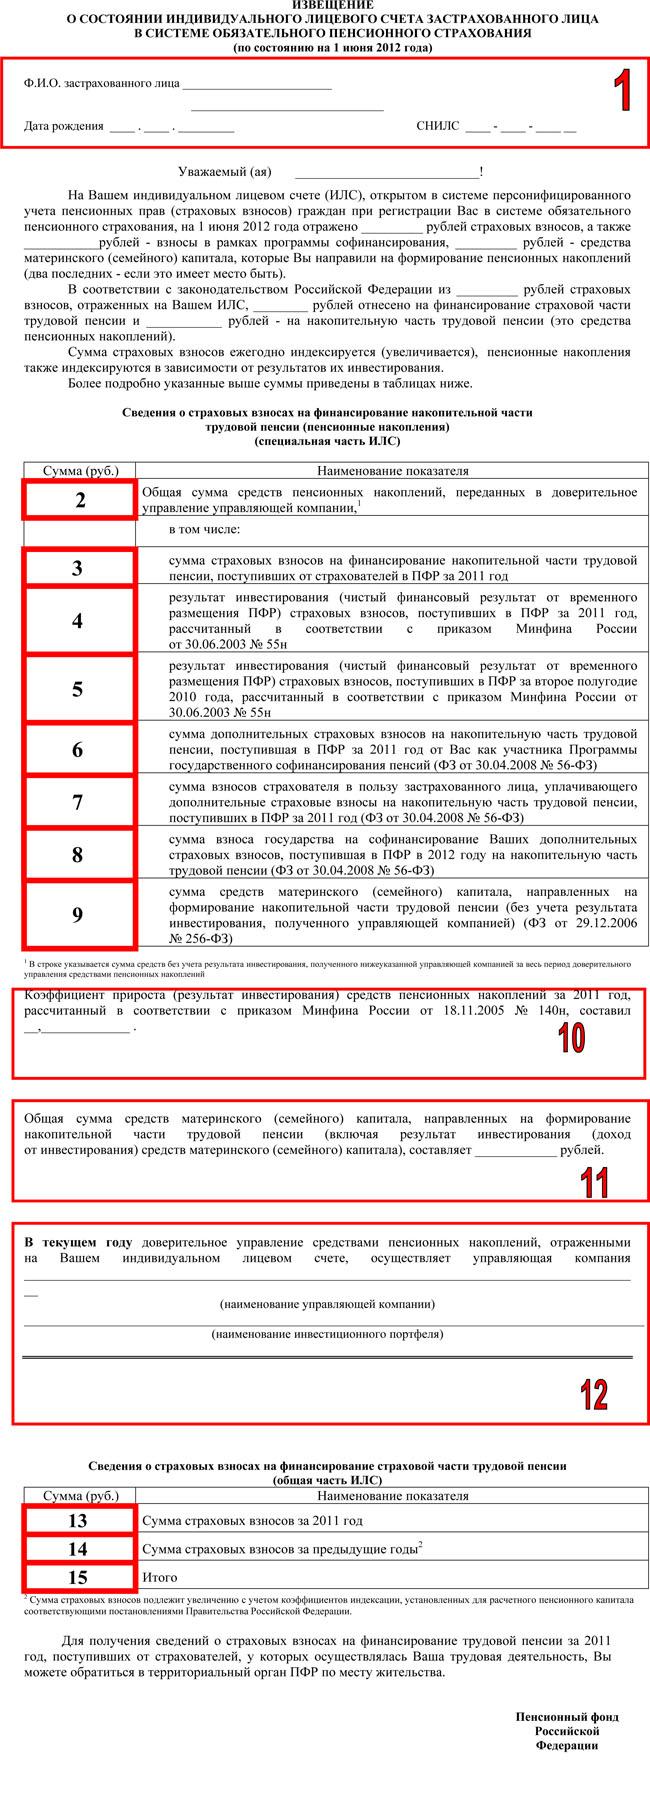 трудовой договор Защитников Москвы проспект